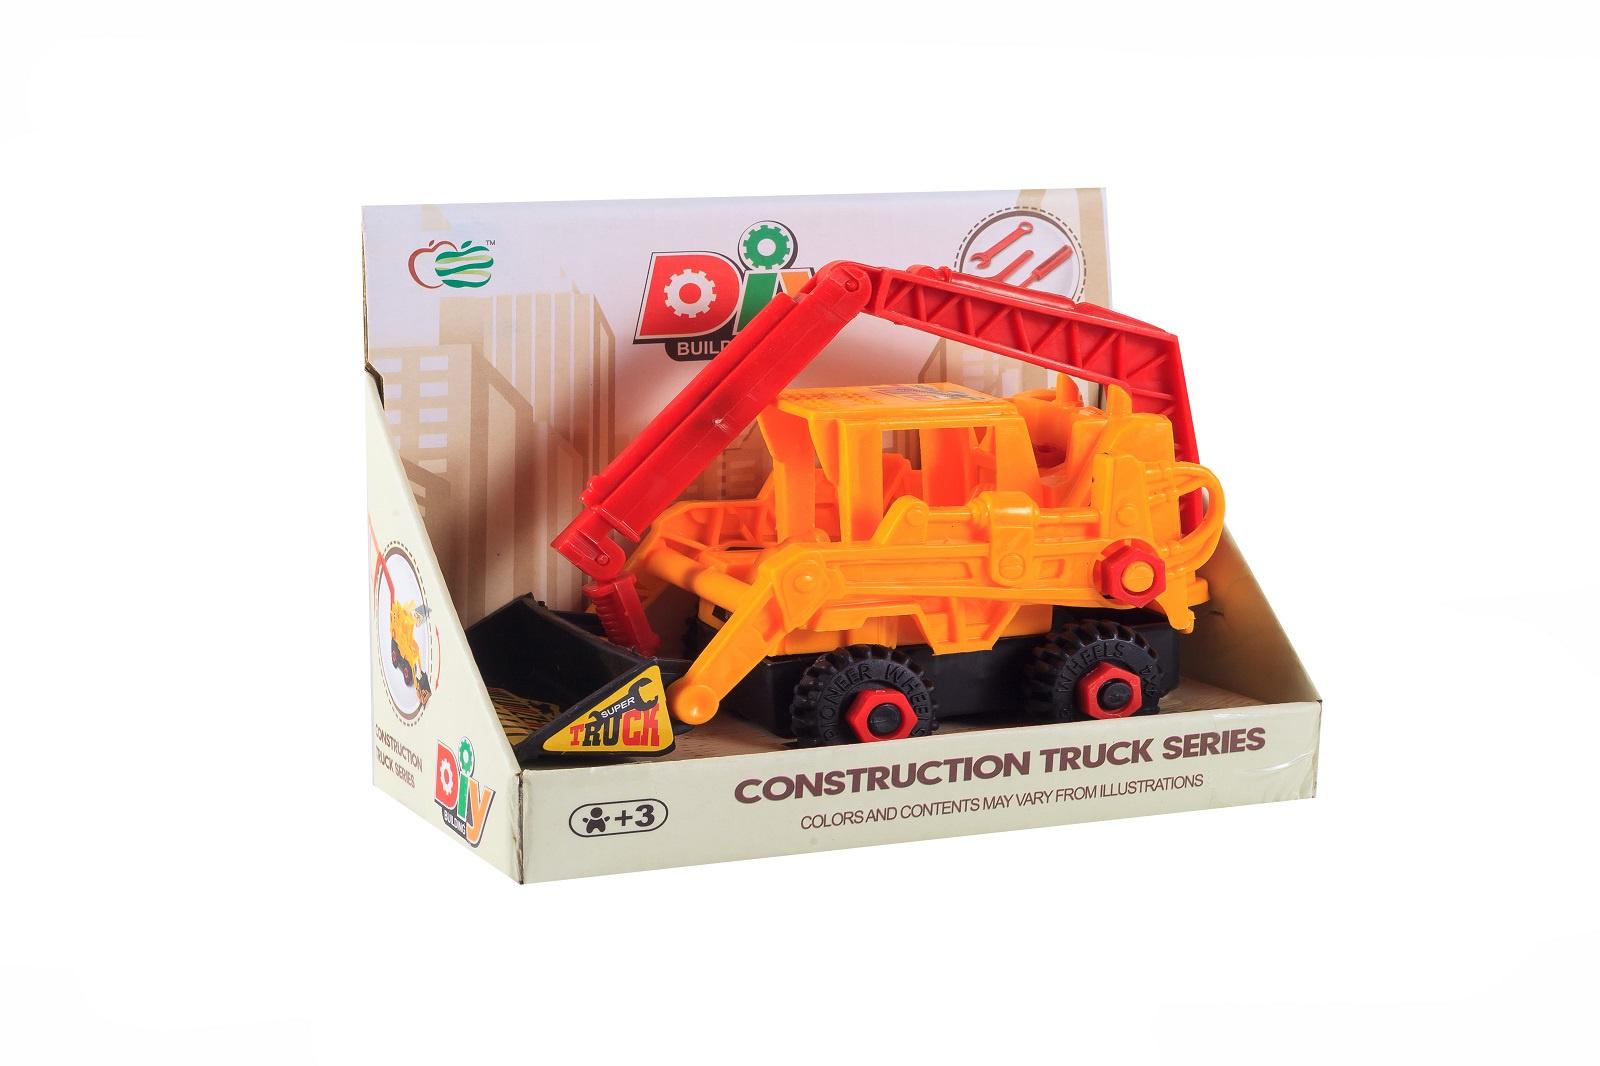 Машинка-конструктор S+S Спецтехника, 200107114, оранжевый